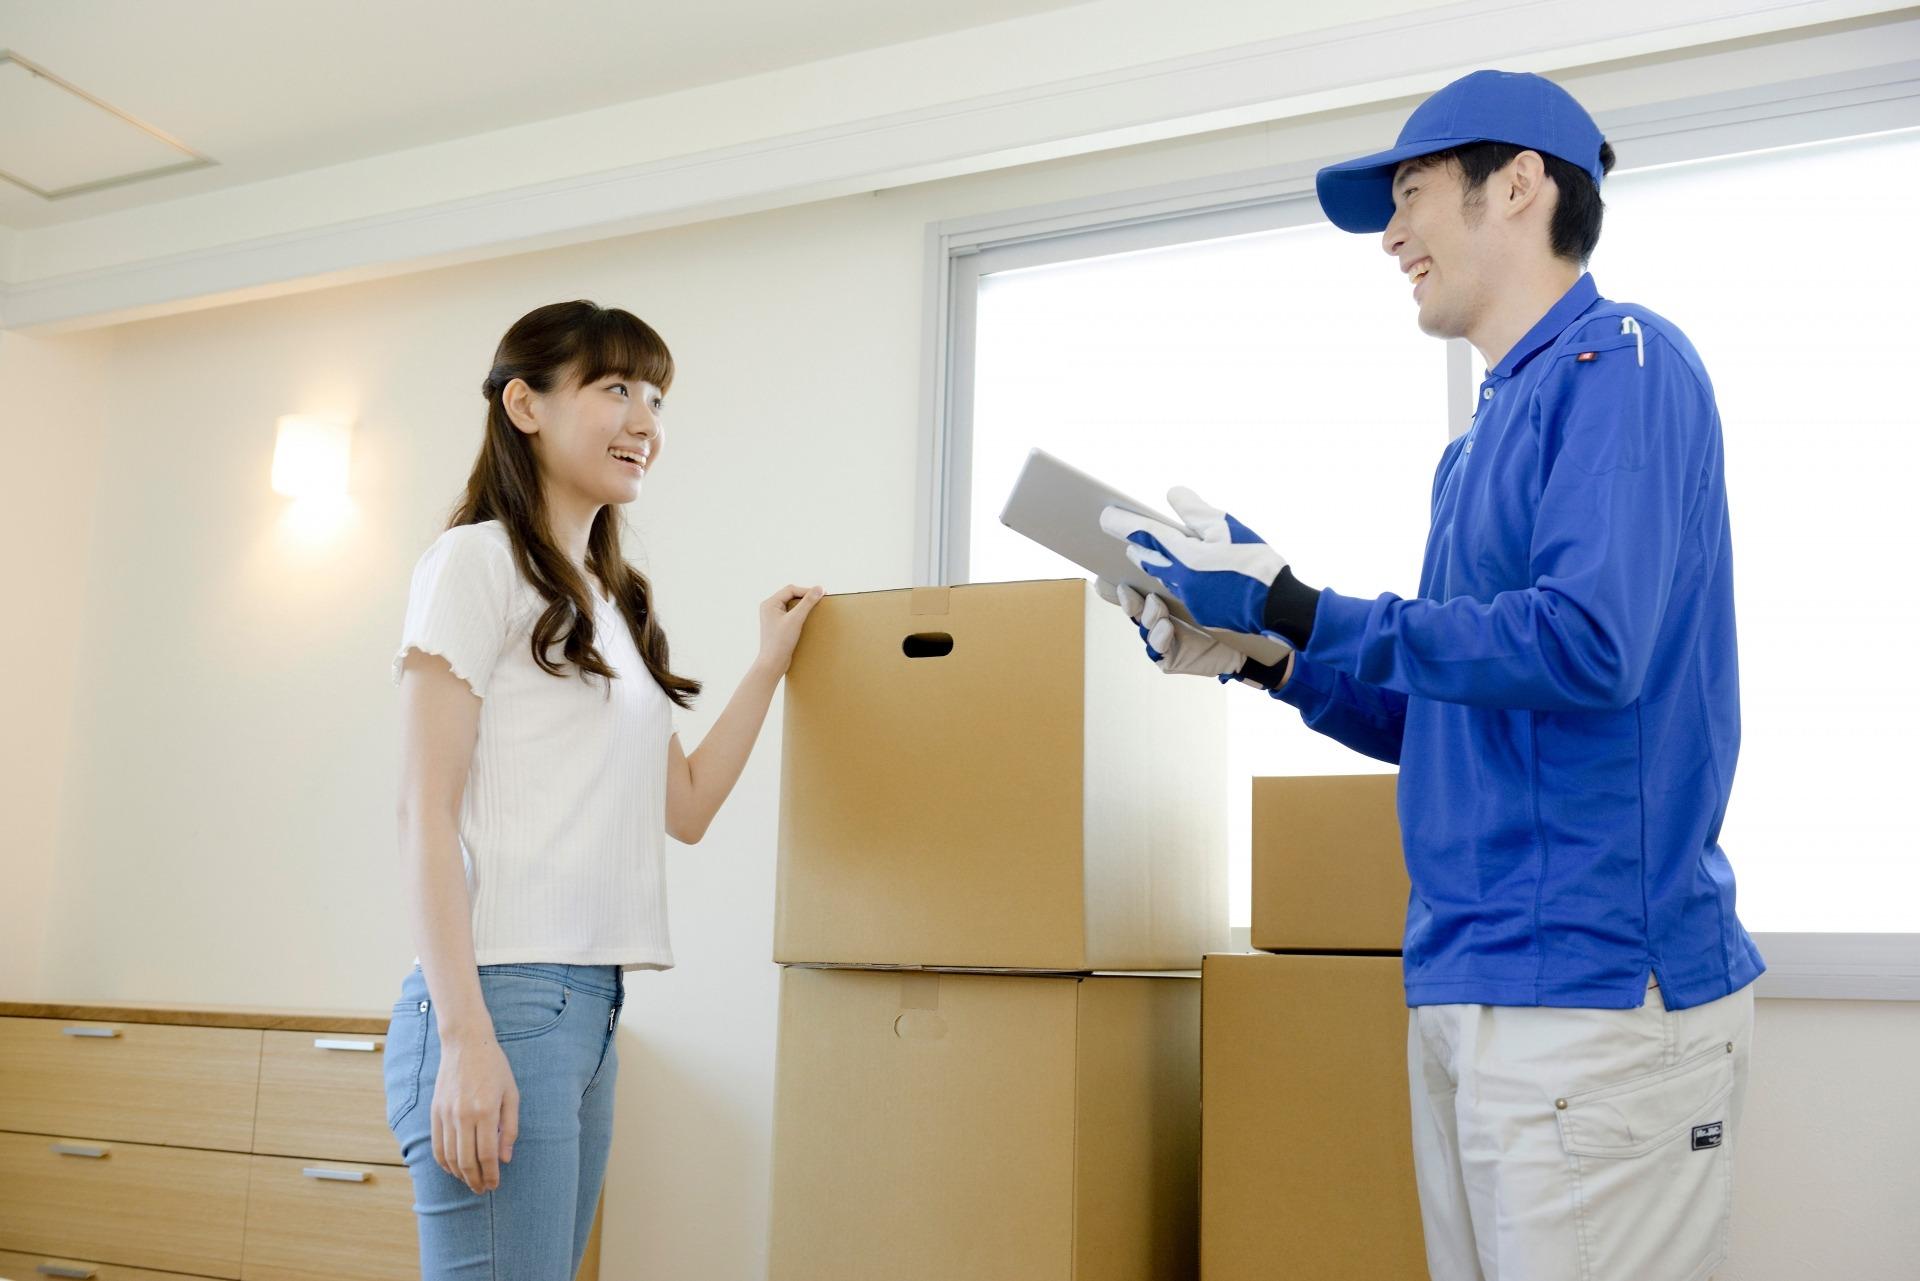 アパート退去時の不用品処分の方法と注意点